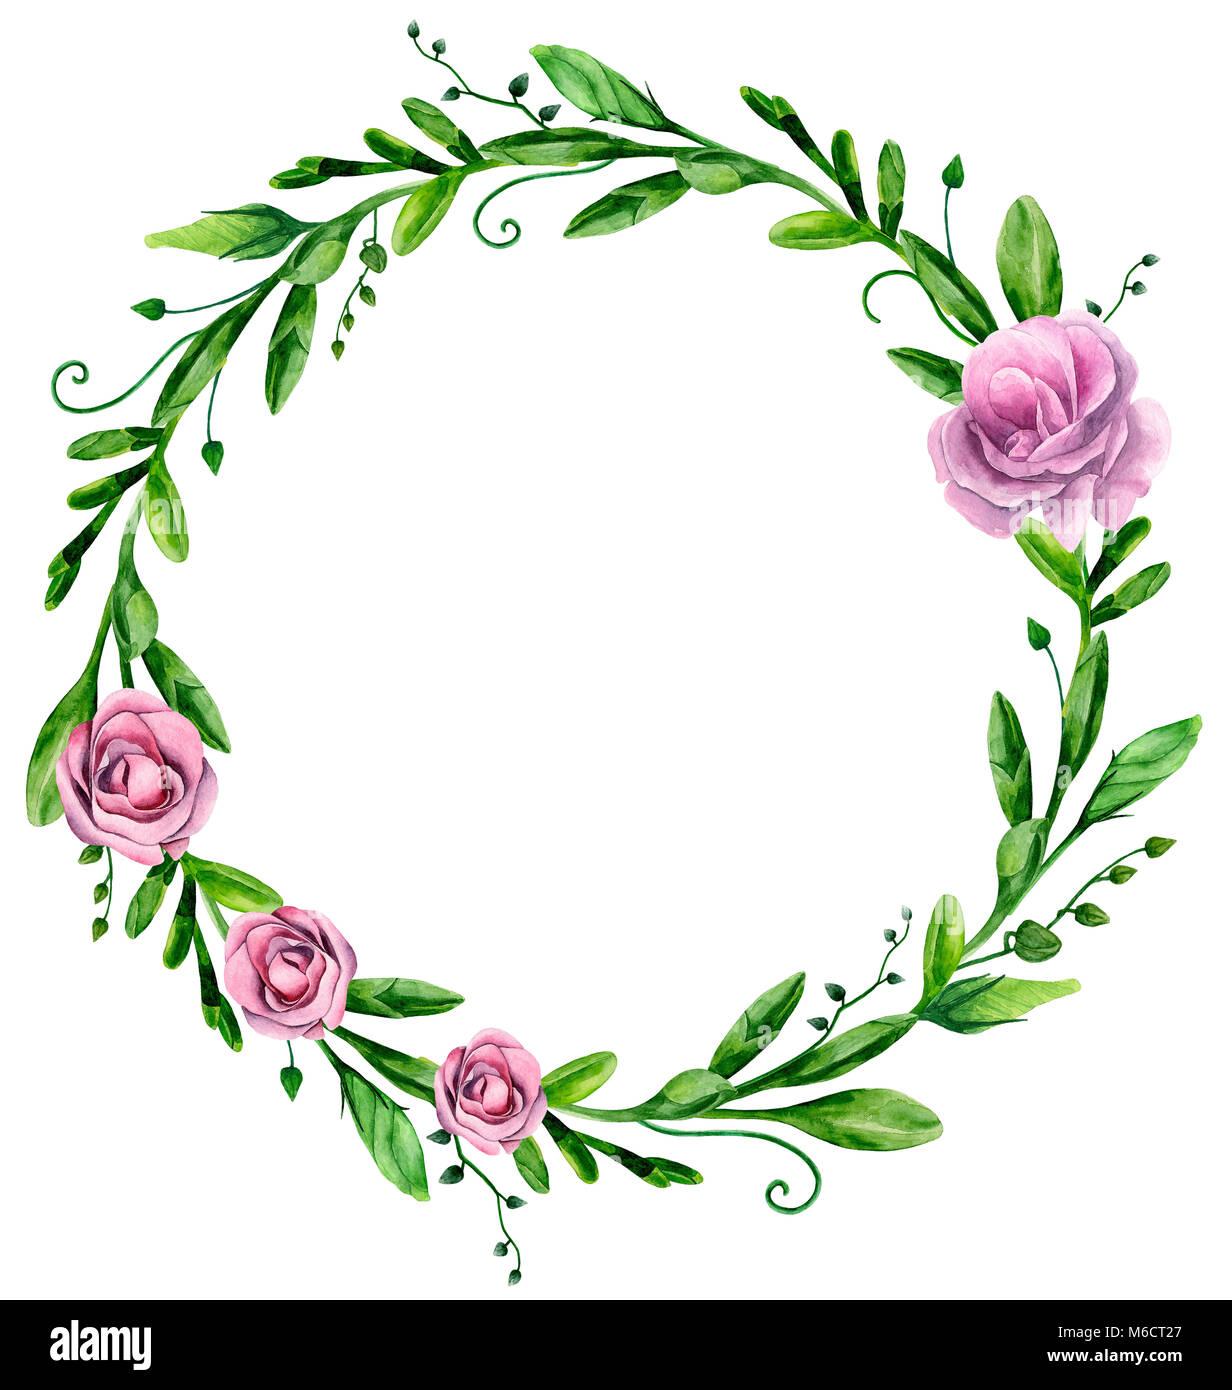 Acquerello verde ghirlanda con fiori di colore rosa. Composizioni floreali clip art Immagini Stock